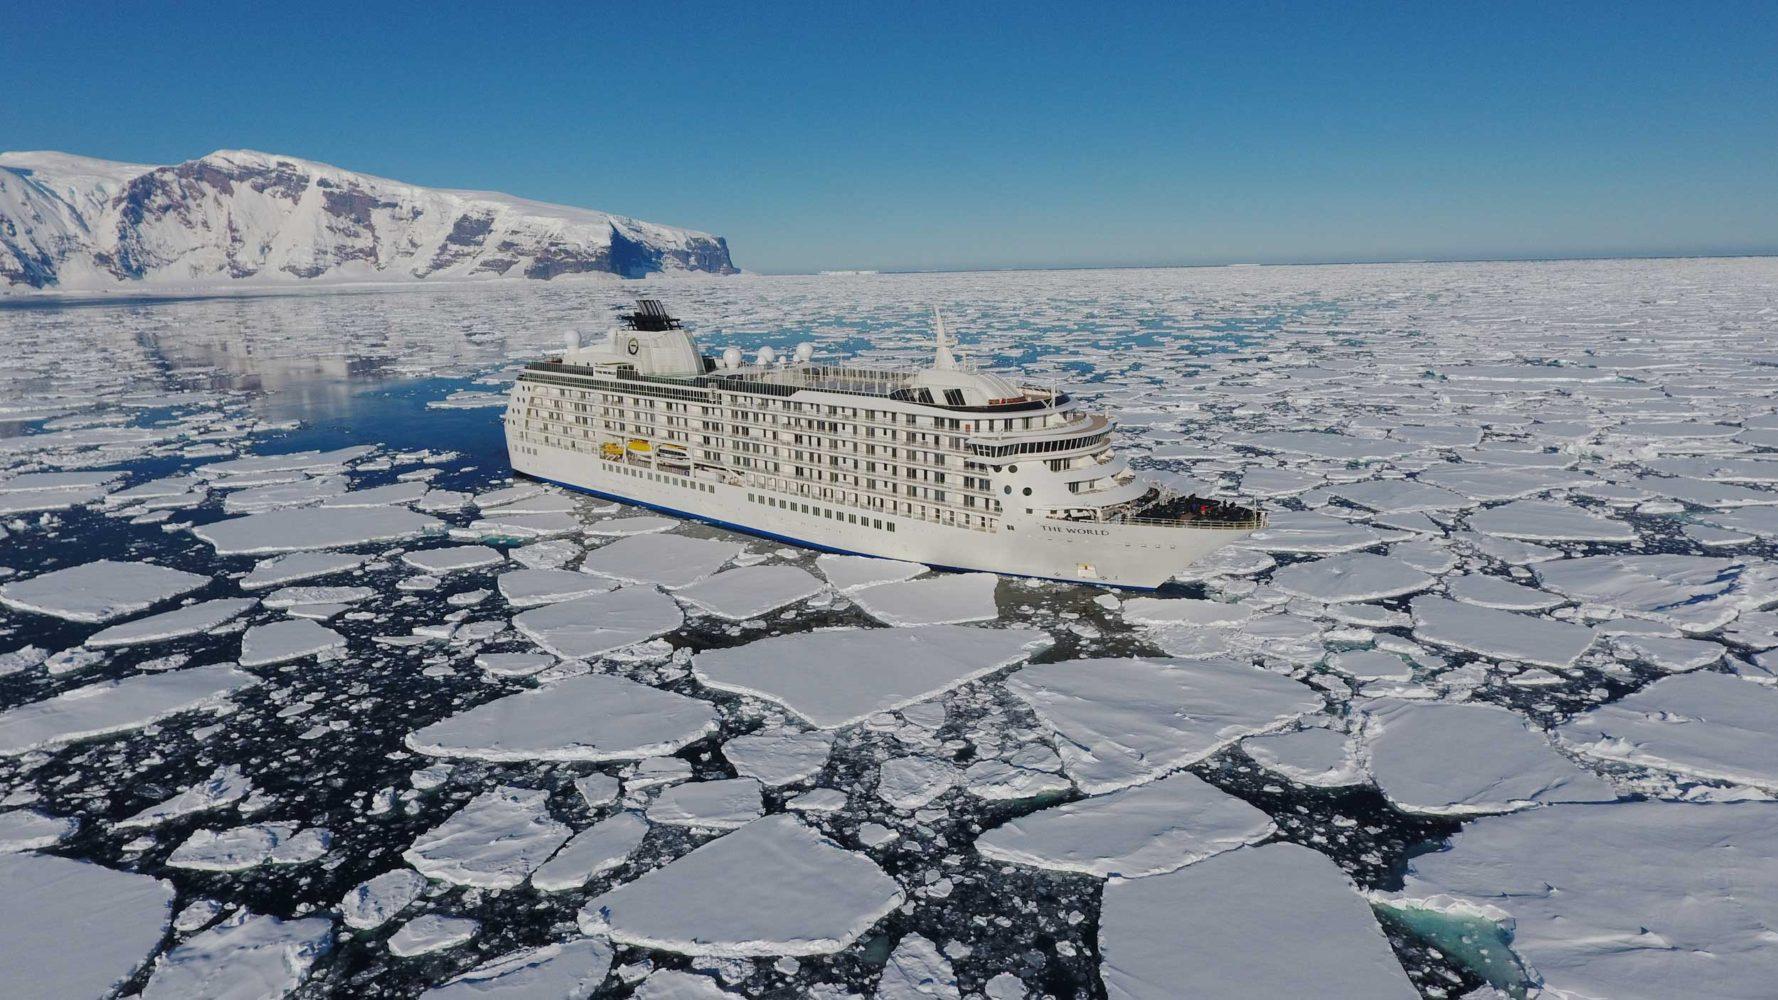 Endless Voyage: Aboard <em>The World</em> Residences at Sea